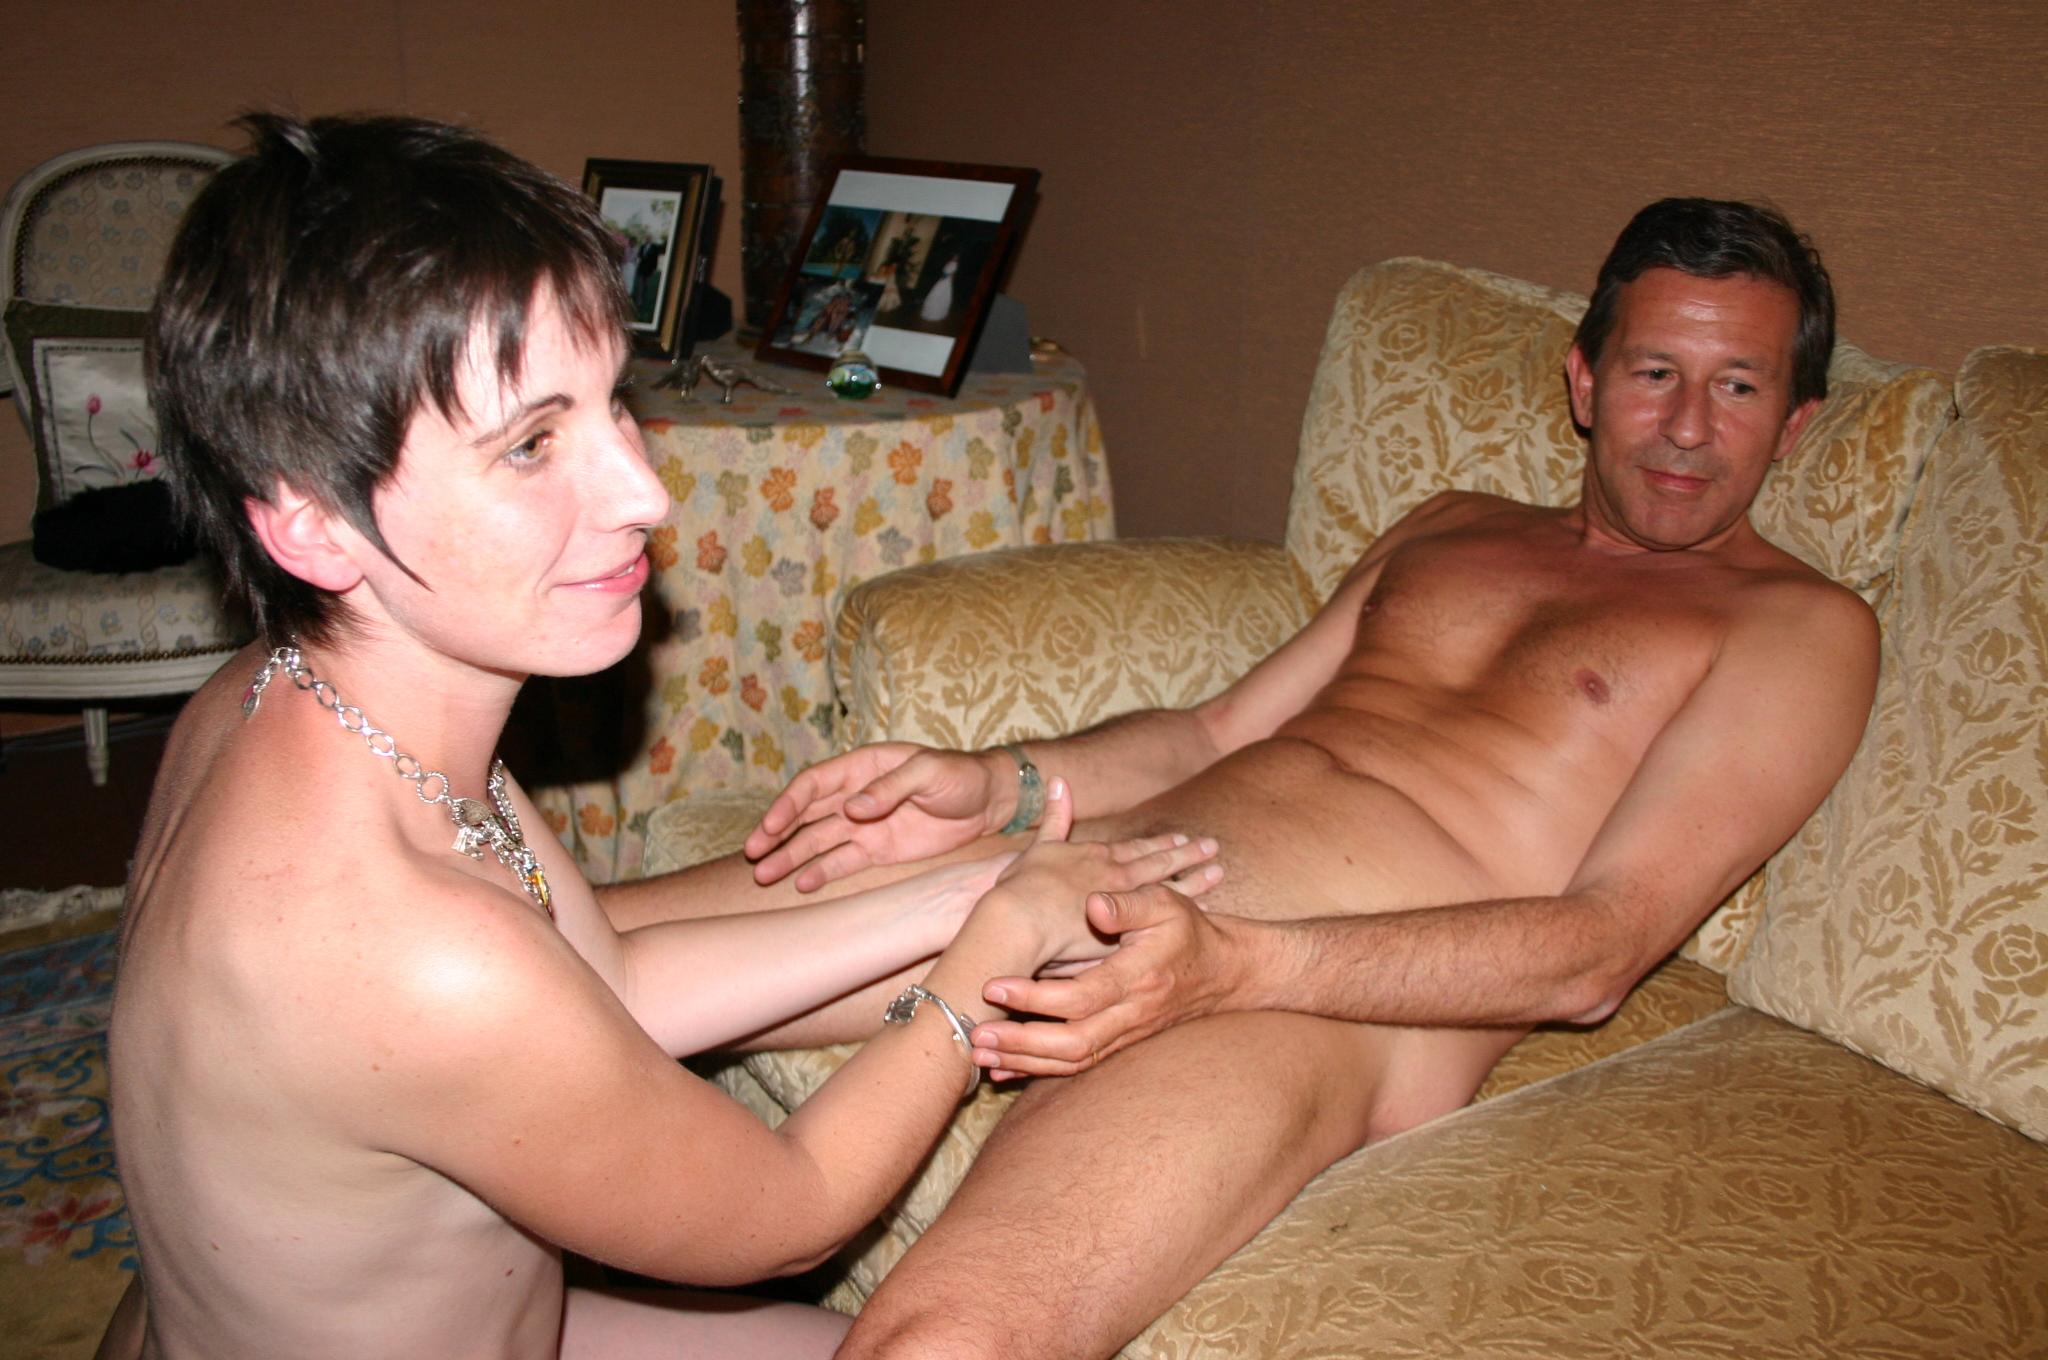 Amateur homemade orgy